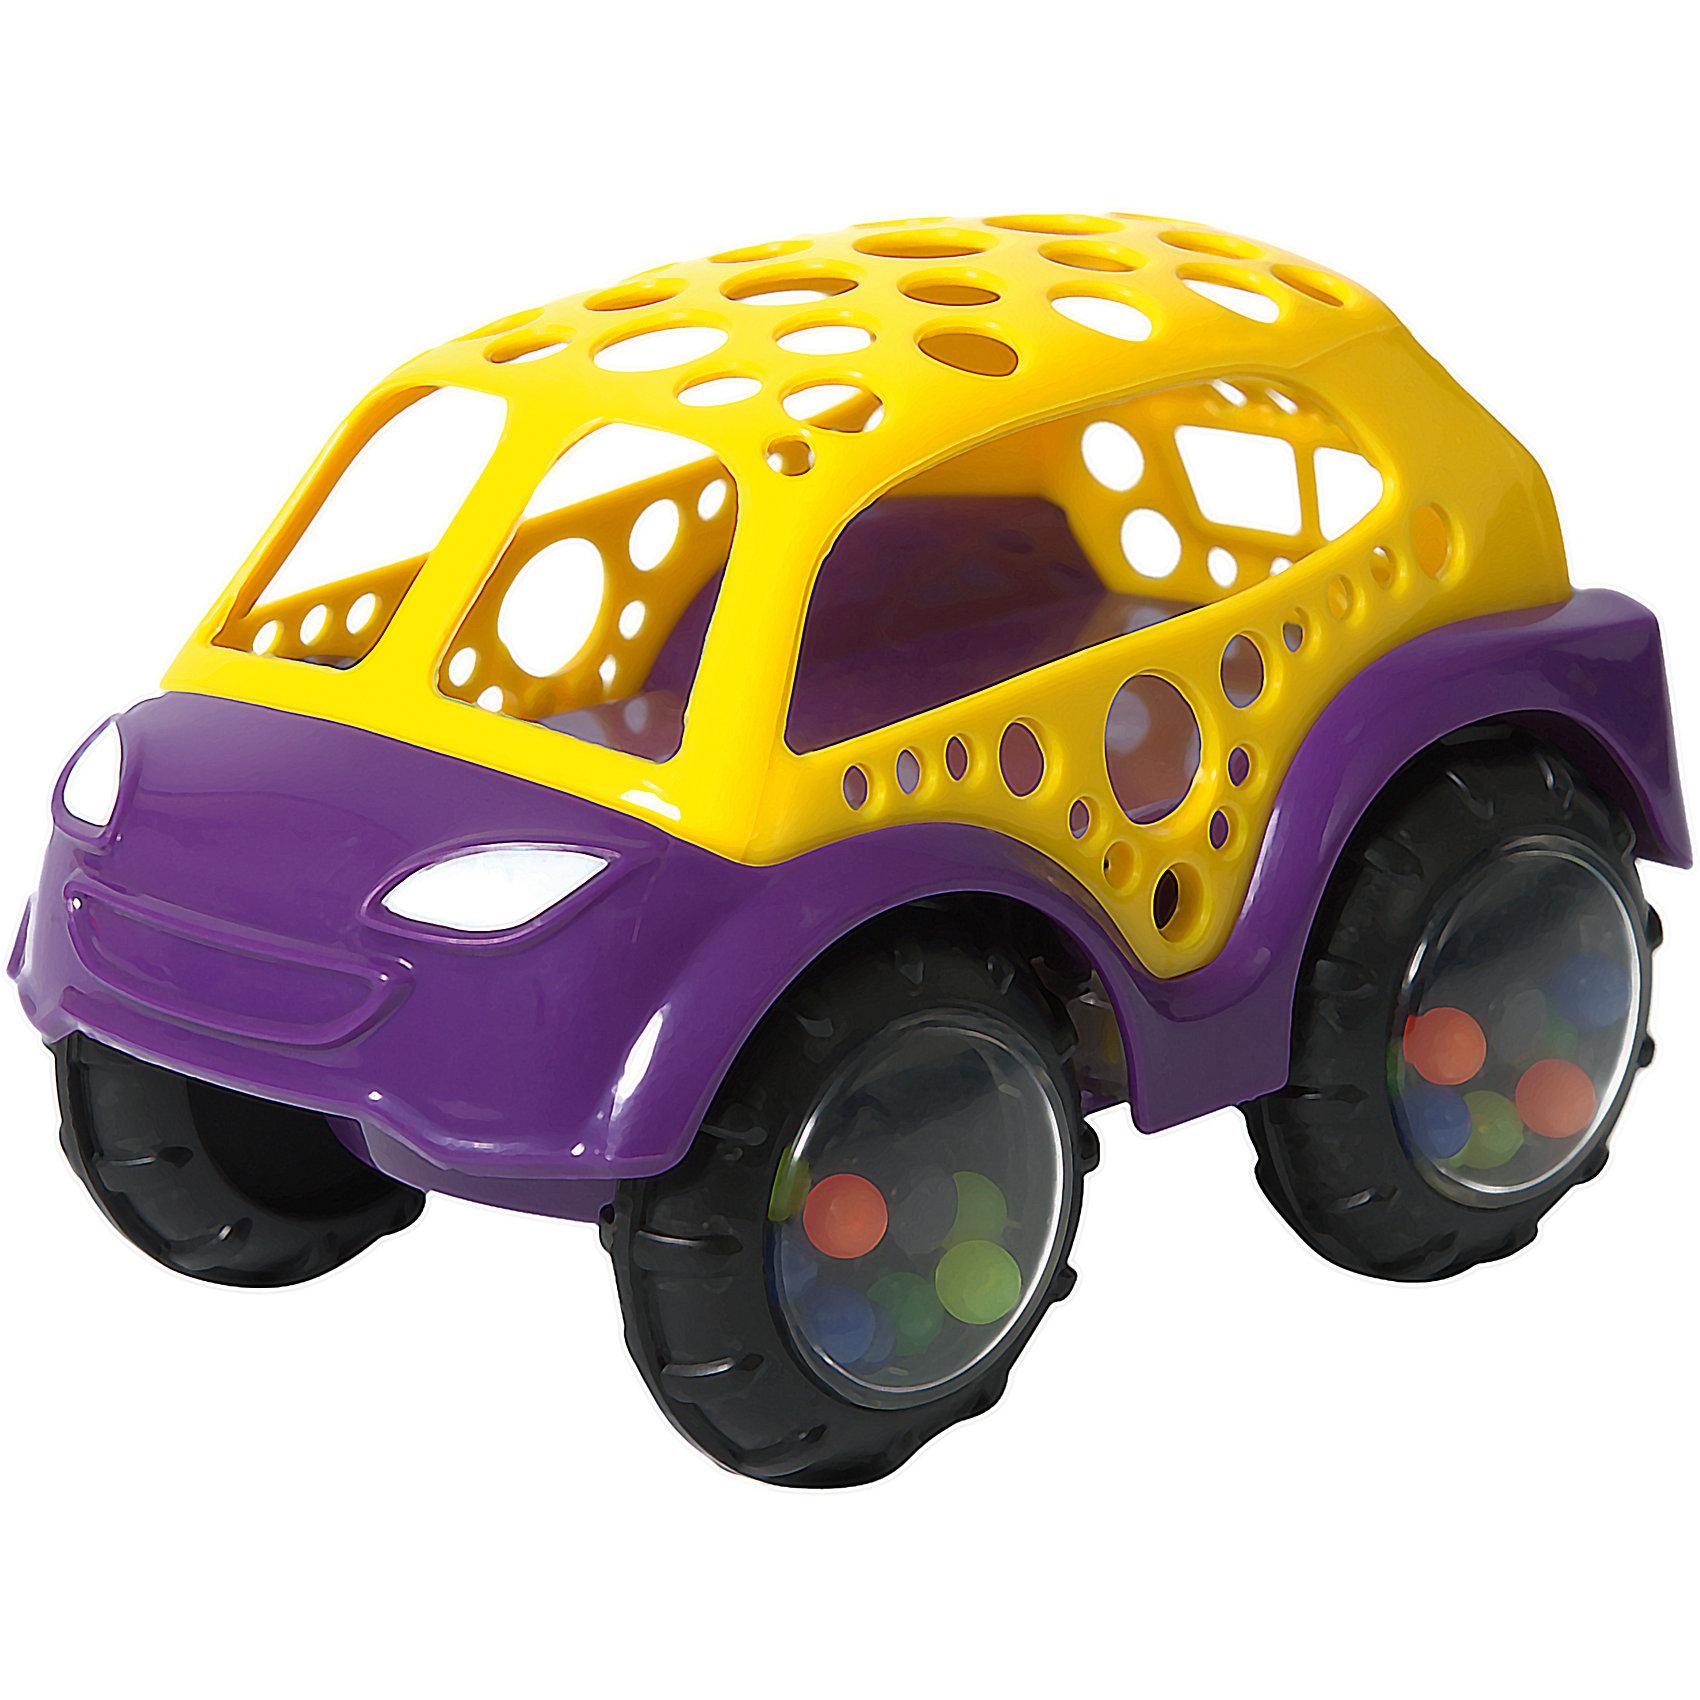 Машинка-неразбивайка, желто-фиолетовая, Baby TrendМашинки и транспорт для малышей<br>Первая машинка малыша!<br>Внутри колёсиков спрятаны разноцветные бусинки, которые издают забавные звуки, когда малыш трясёт машинку<br>Благодаря уникальной форме игрушку удобно держать маленькими пальчиками<br>Выполнена из мягкого гибкого пластика<br>Развивает моторику, слух, зрение<br><br>Размер игрушки: 9 х 12 см х 8 см<br>Размер упаковки: 15 х 11,5 х 8 см<br><br>Ширина мм: 130<br>Глубина мм: 78<br>Высота мм: 87<br>Вес г: 153<br>Возраст от месяцев: 3<br>Возраст до месяцев: 2147483647<br>Пол: Унисекс<br>Возраст: Детский<br>SKU: 6872164